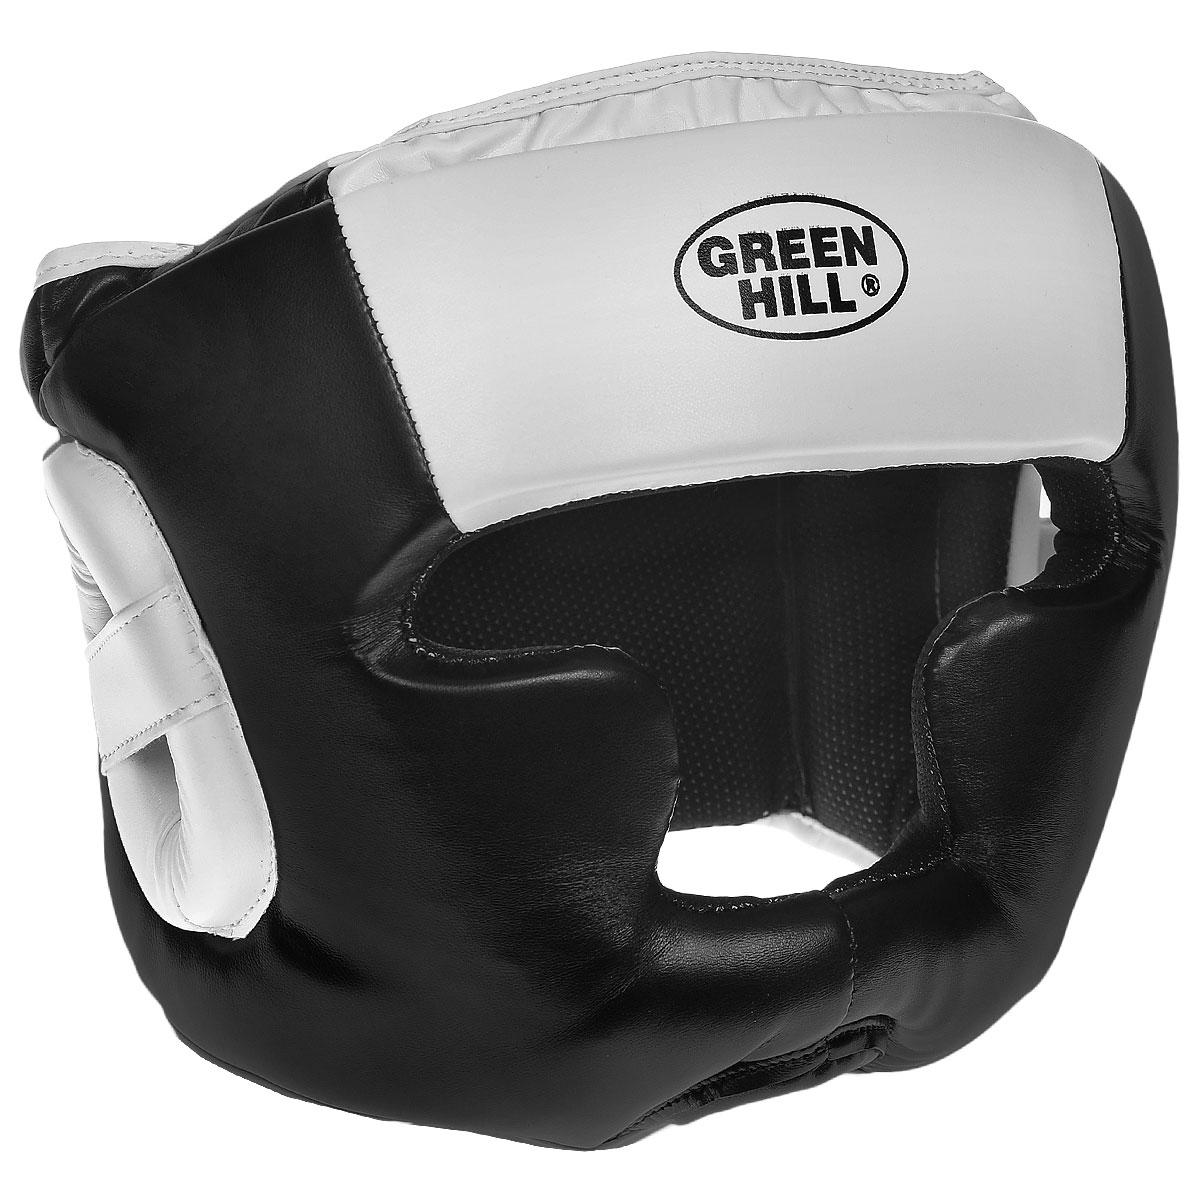 """Шлем тренировочный Green Hill """"Poise"""", цвет: черный, белый. Размер L (57-60 см) HGP-9015"""